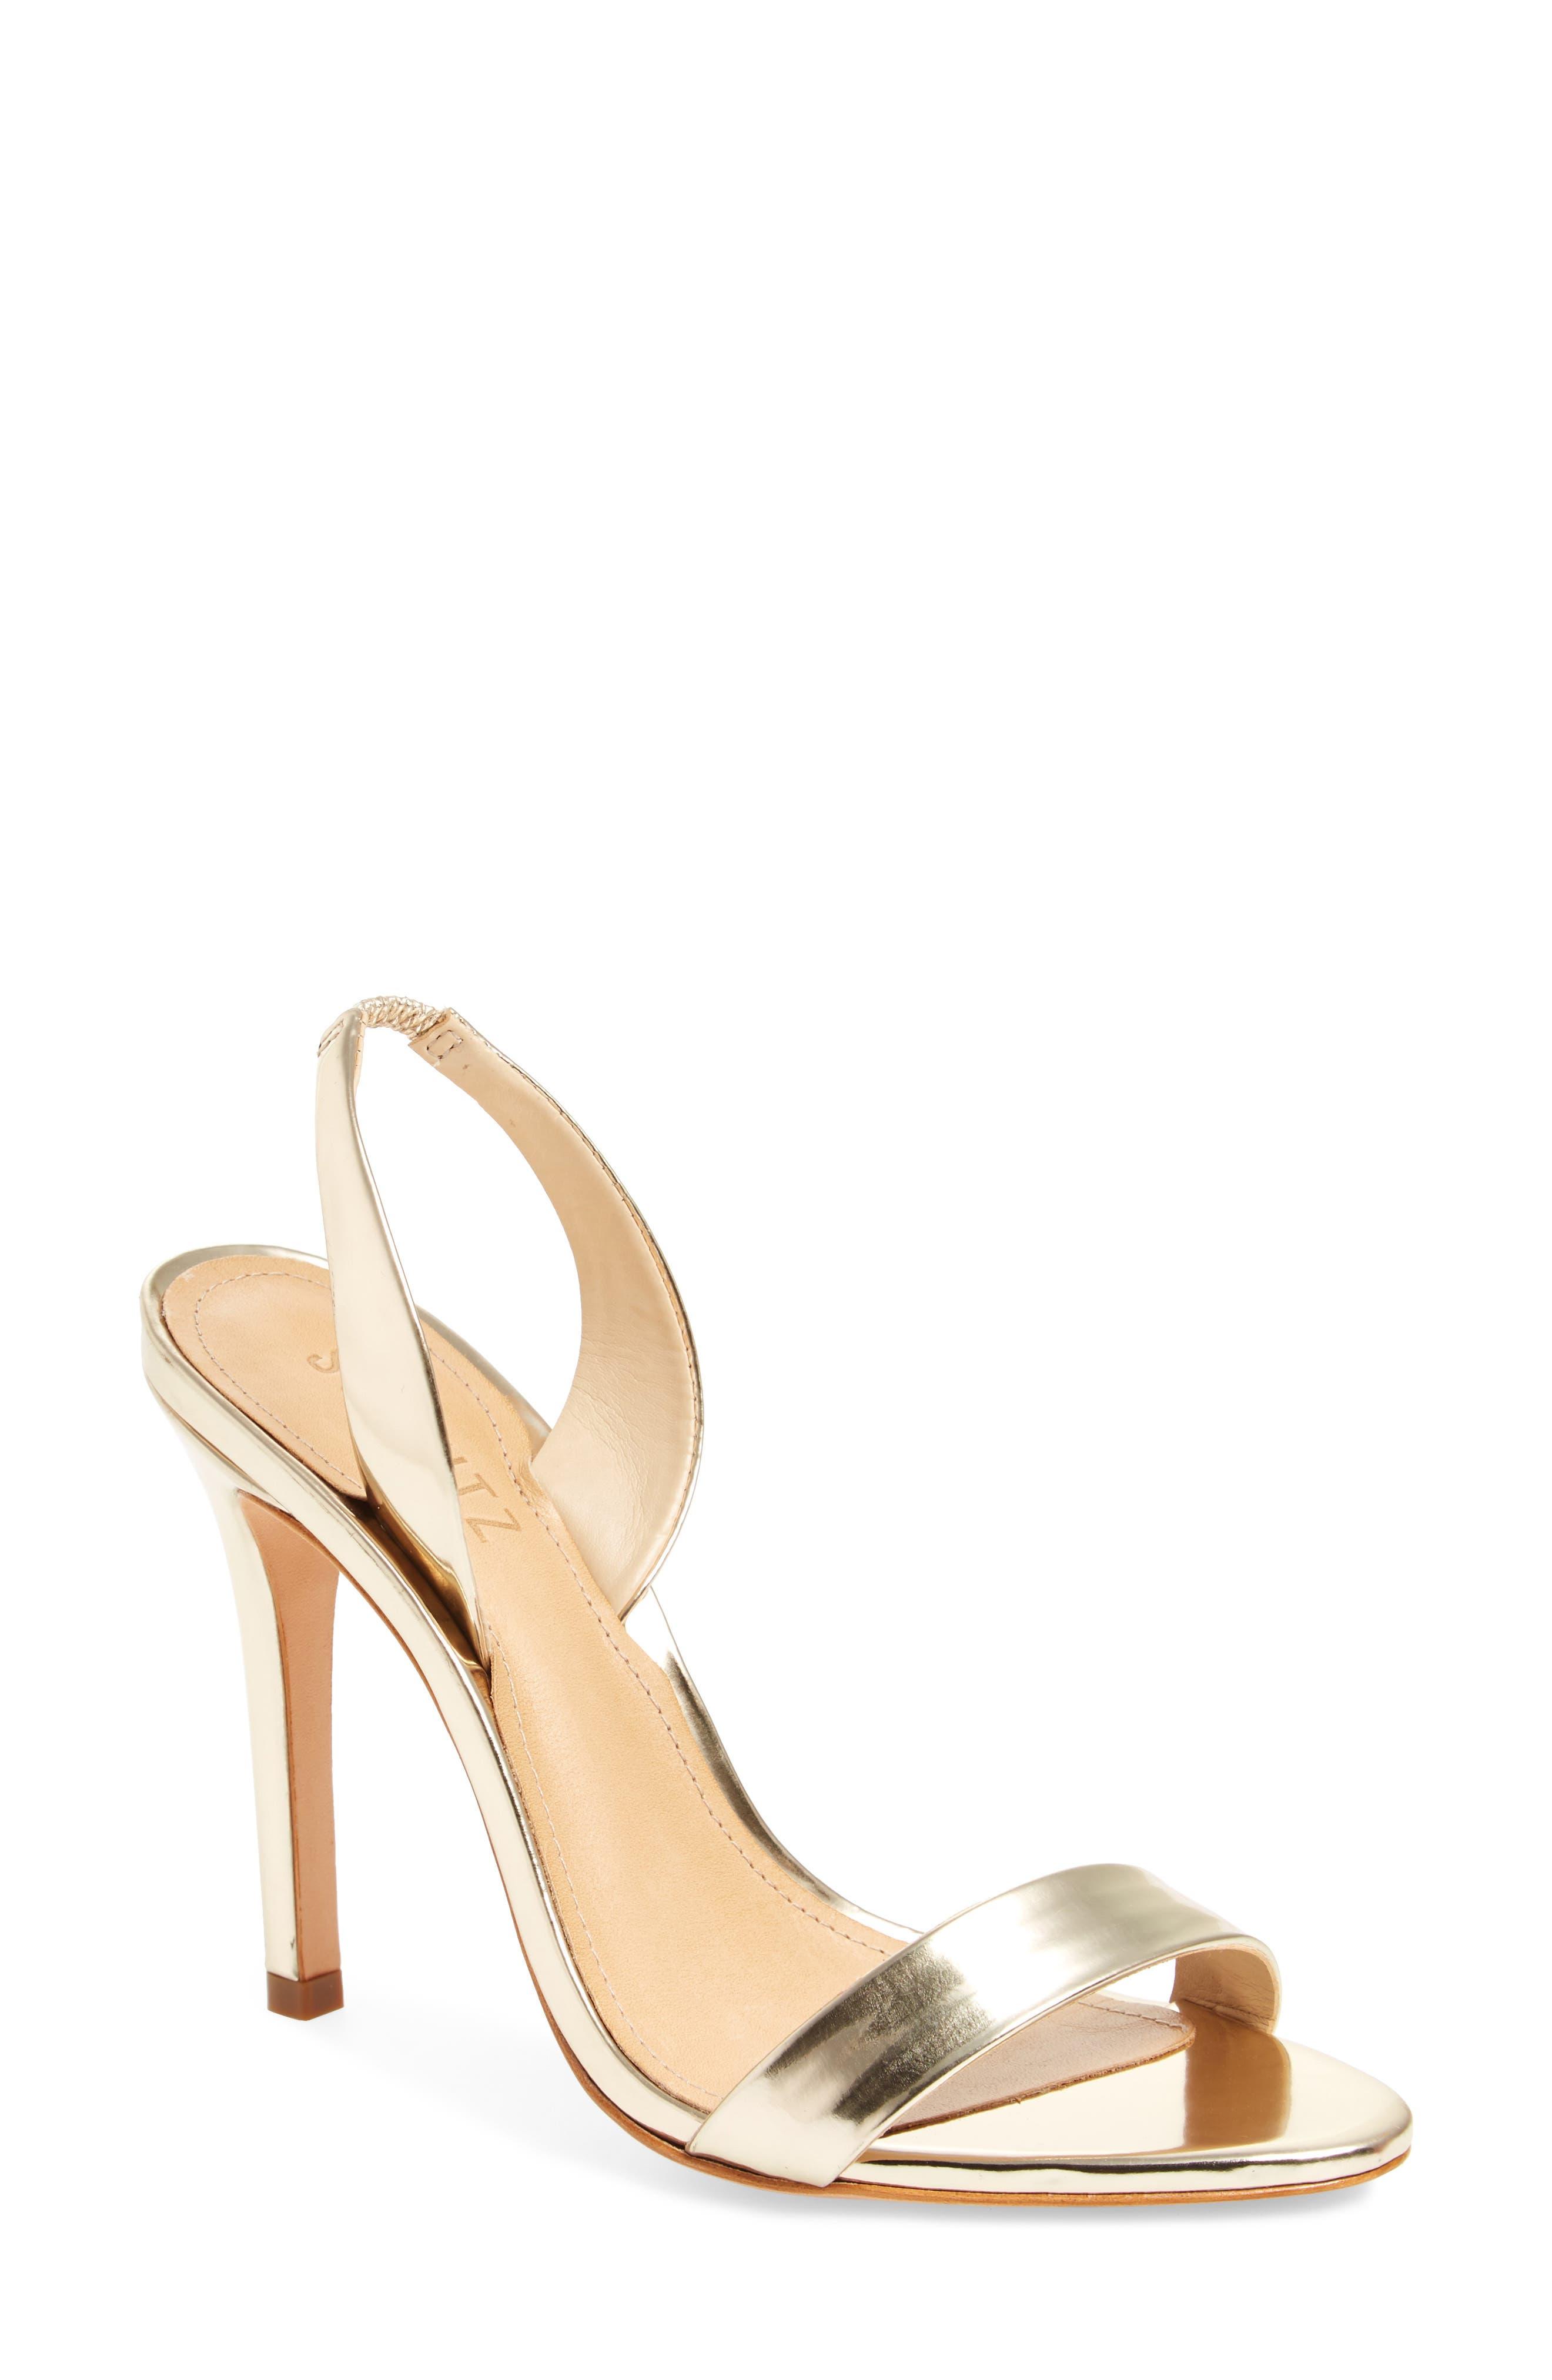 Luriane Sandal,                         Main,                         color, Platina Specchio